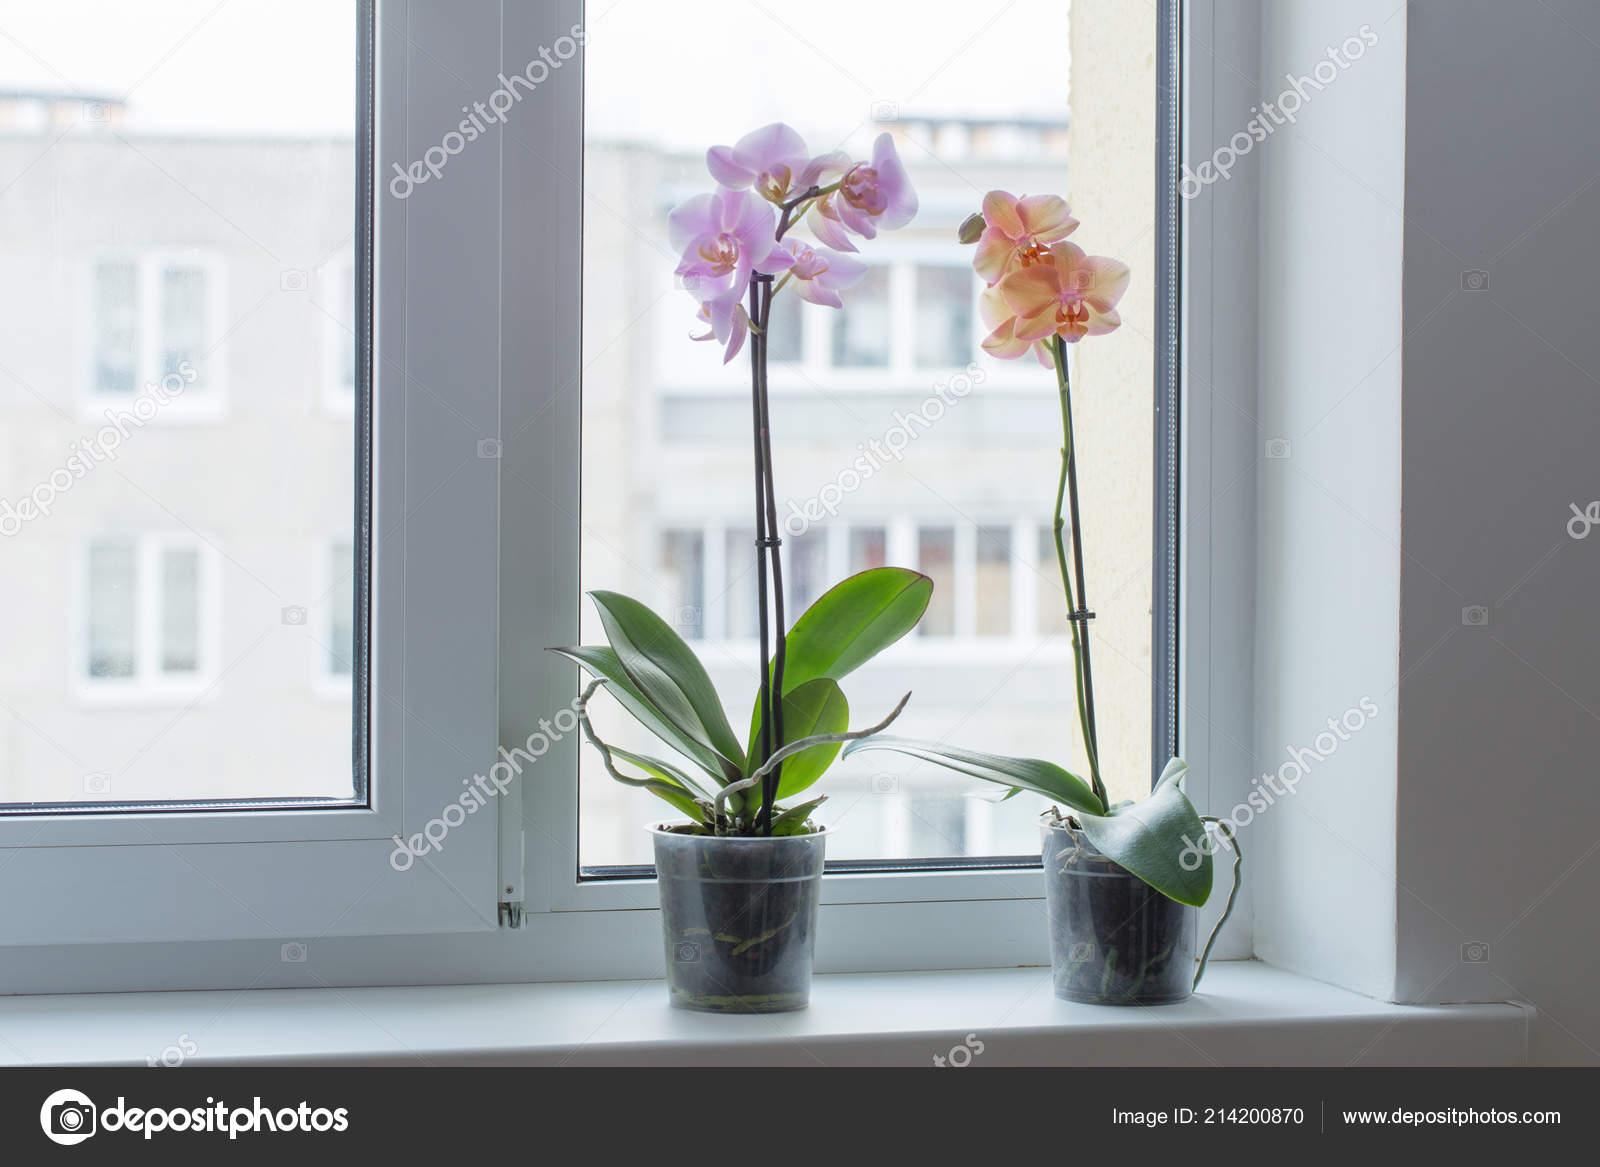 Schone Orchideen Auf Der Fensterbank Stockfoto C Kruchenkova